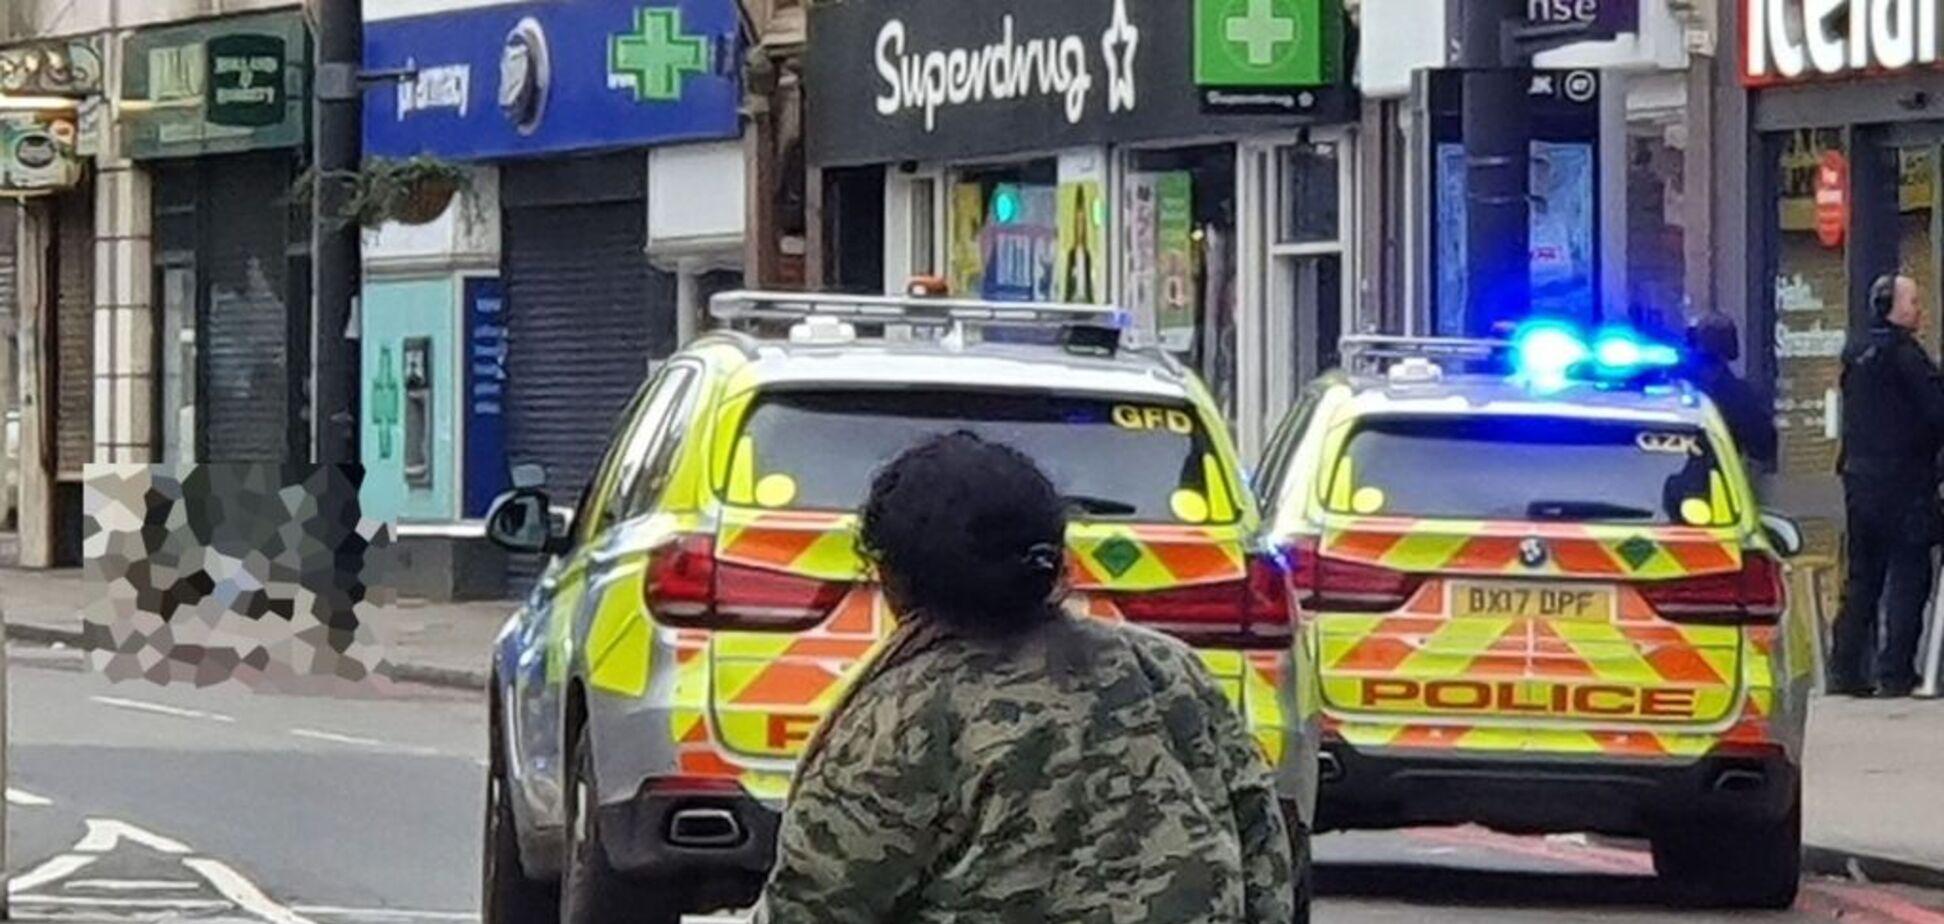 В Британии и Бельгии устроили кровавые теракты, есть раненые: все подробности